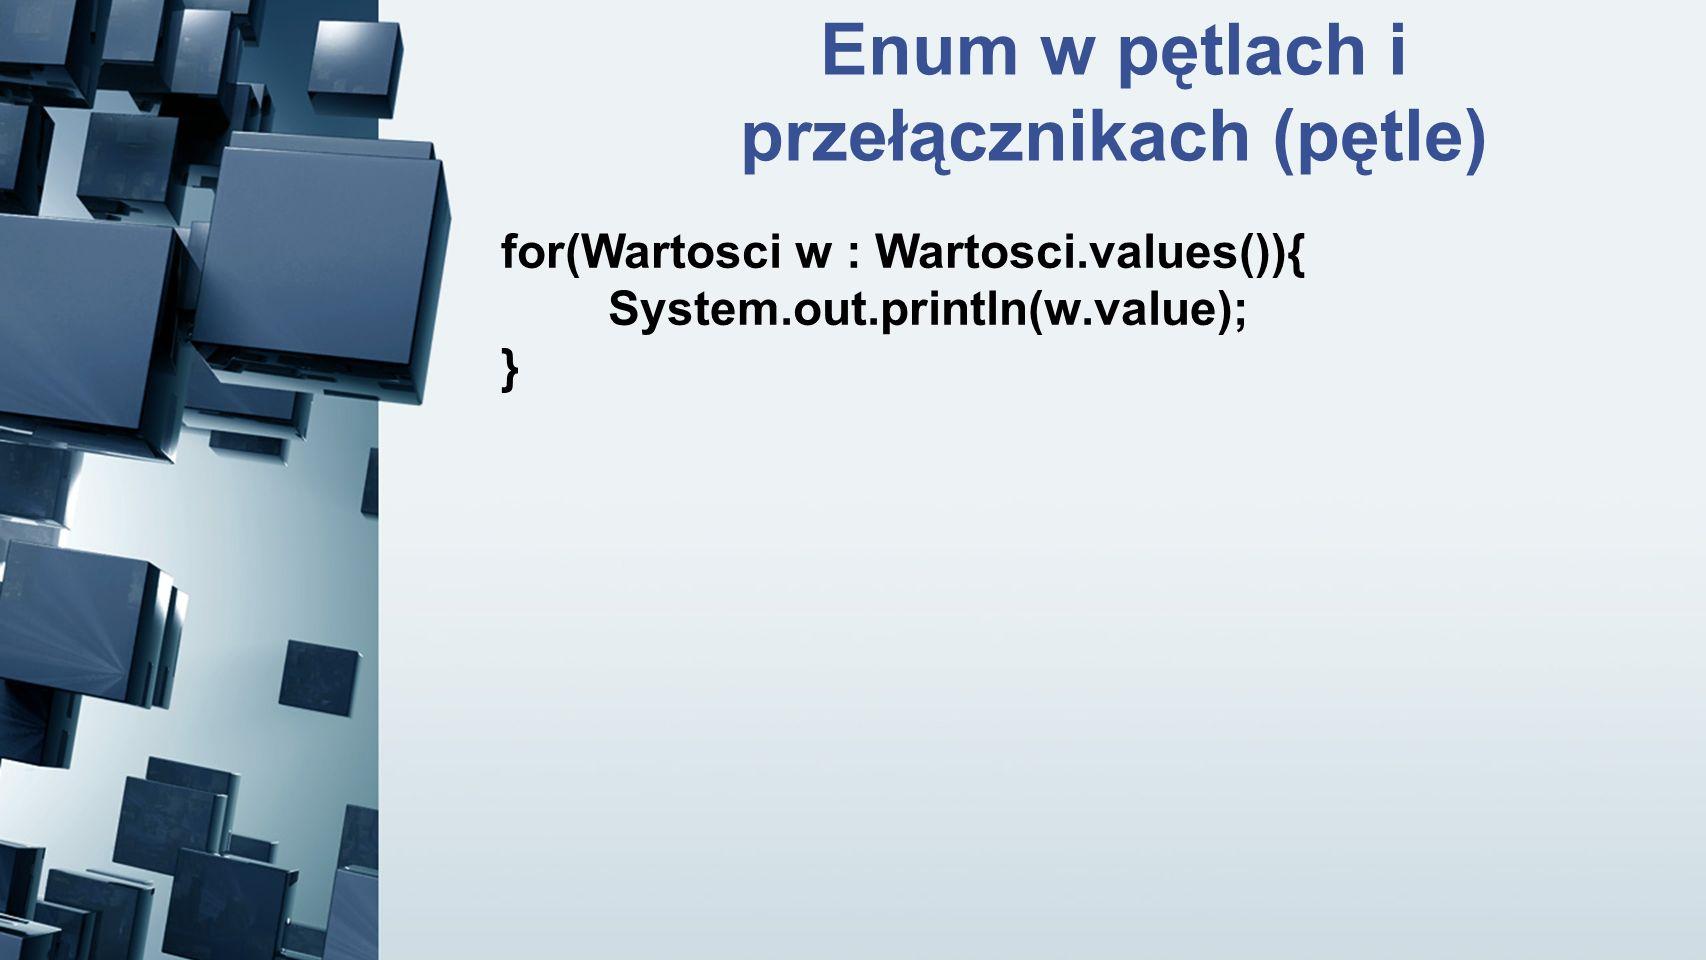 Enum w pętlach i przełącznikach (pętle) for(Wartosci w : Wartosci.values()){ System.out.println(w.value); }